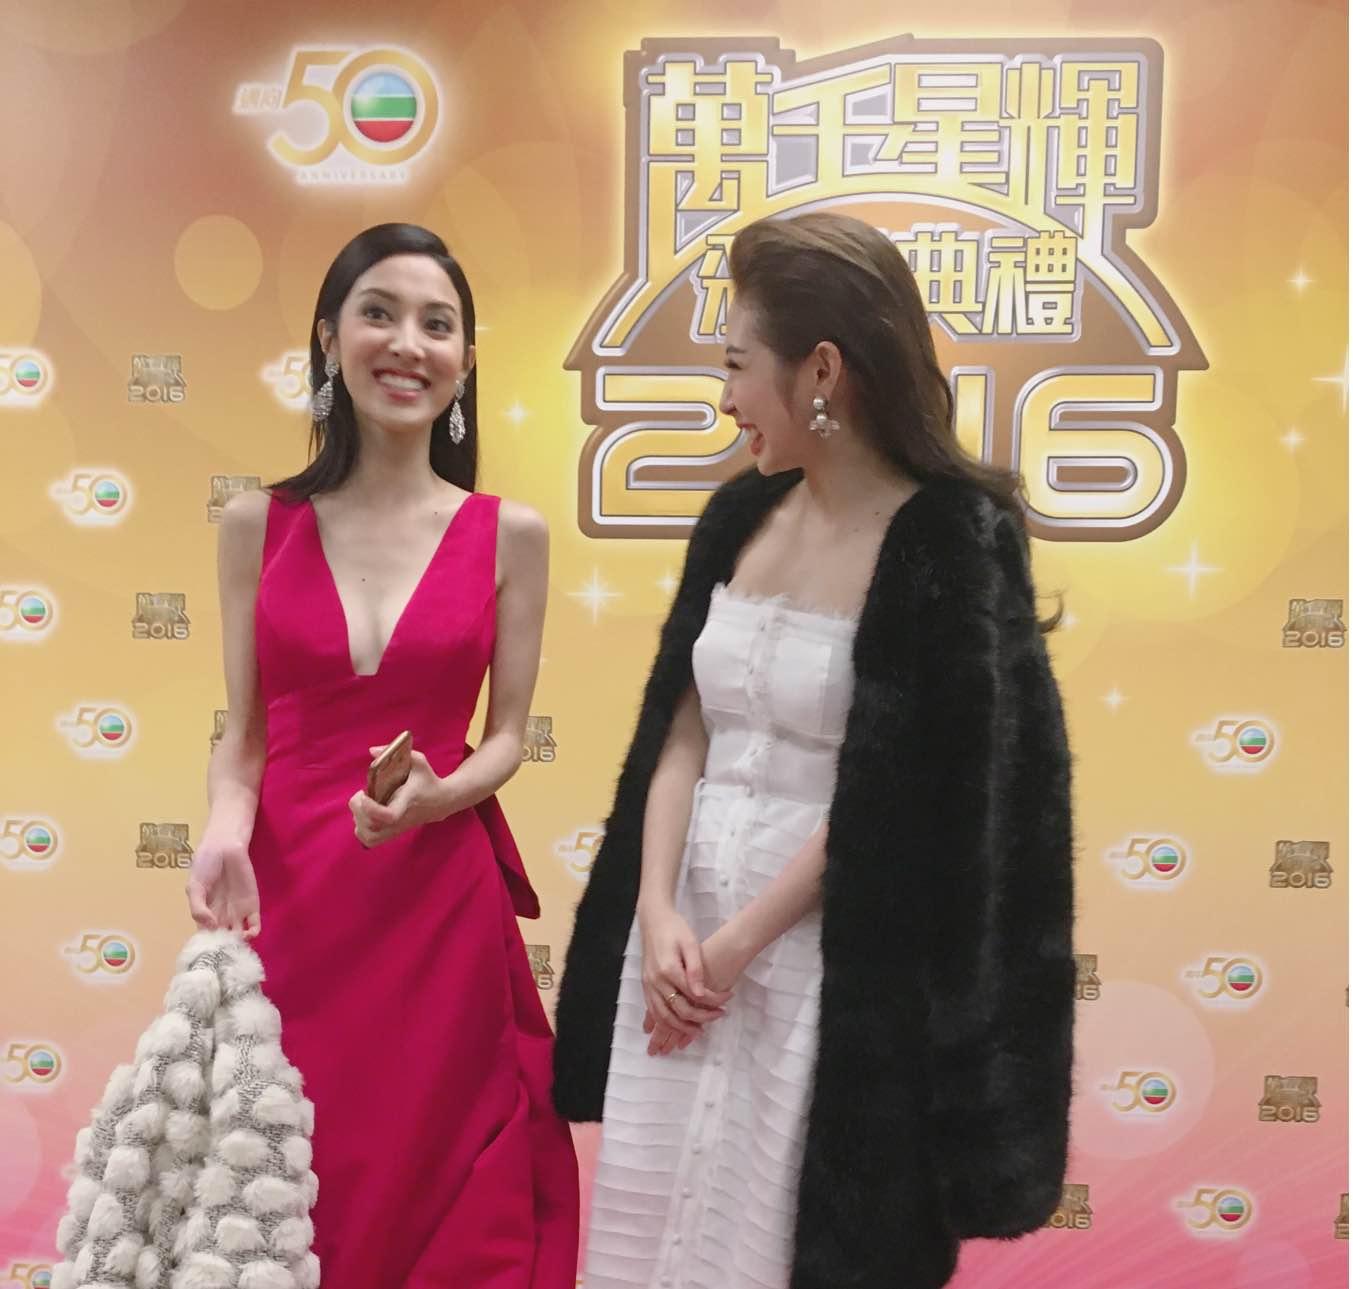 Khổng Tú Quỳnh tham dự lễ trao giải TVB, đọ dáng cùng Hoa hậu Hồng Kông